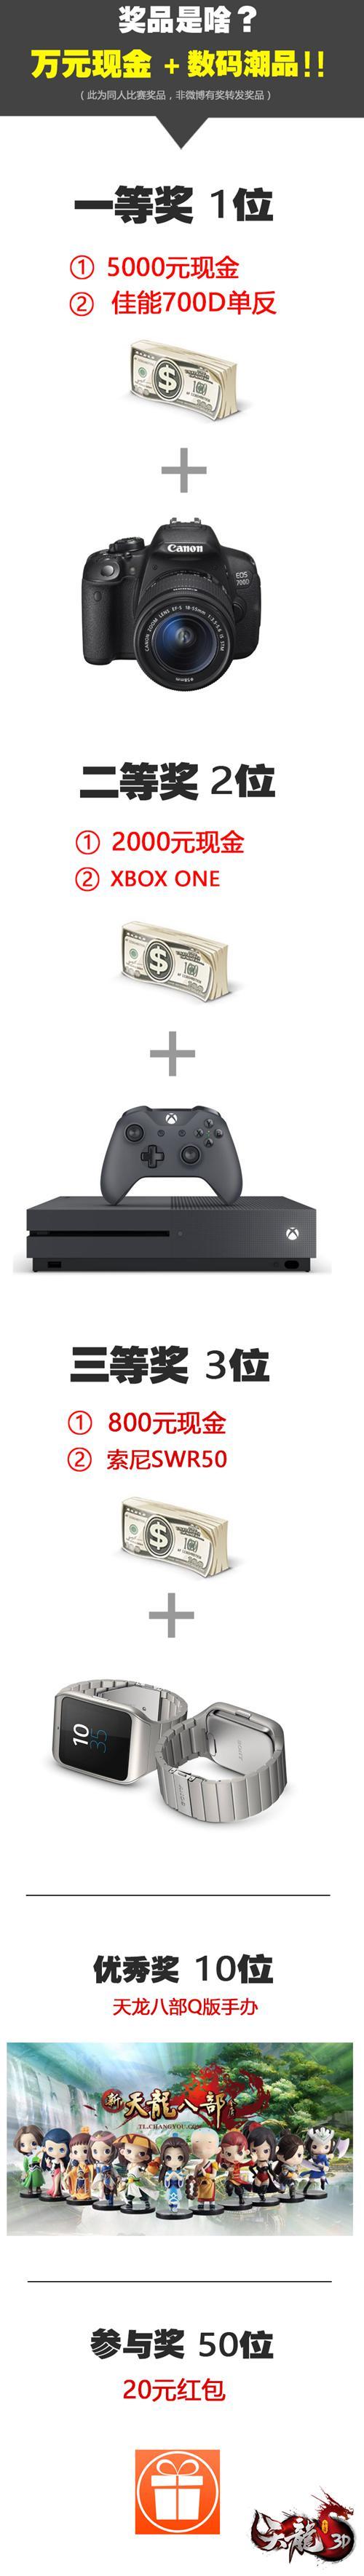 《天龙3D》赞助豪华奖励阵容